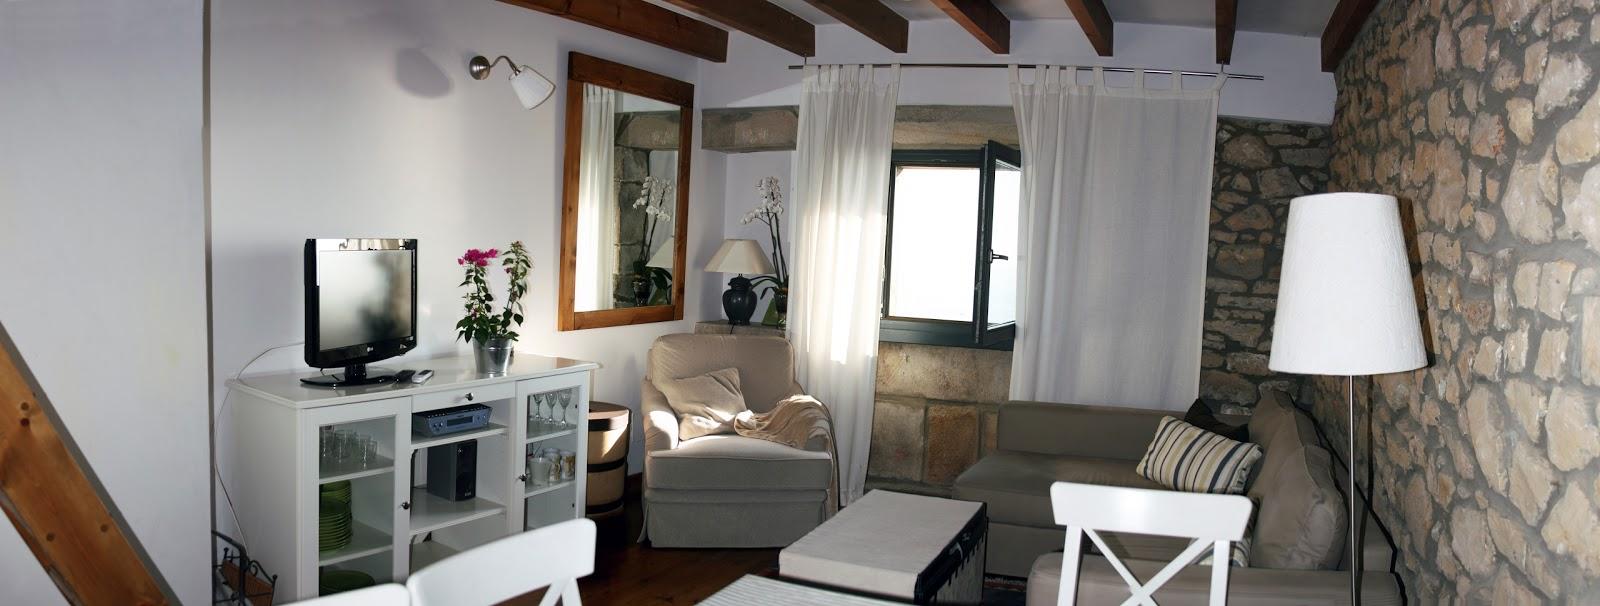 Casa con encanto en asturias casa rural en lastres la casona del piquero casa rural en asturias - Casas rurales en lastres ...